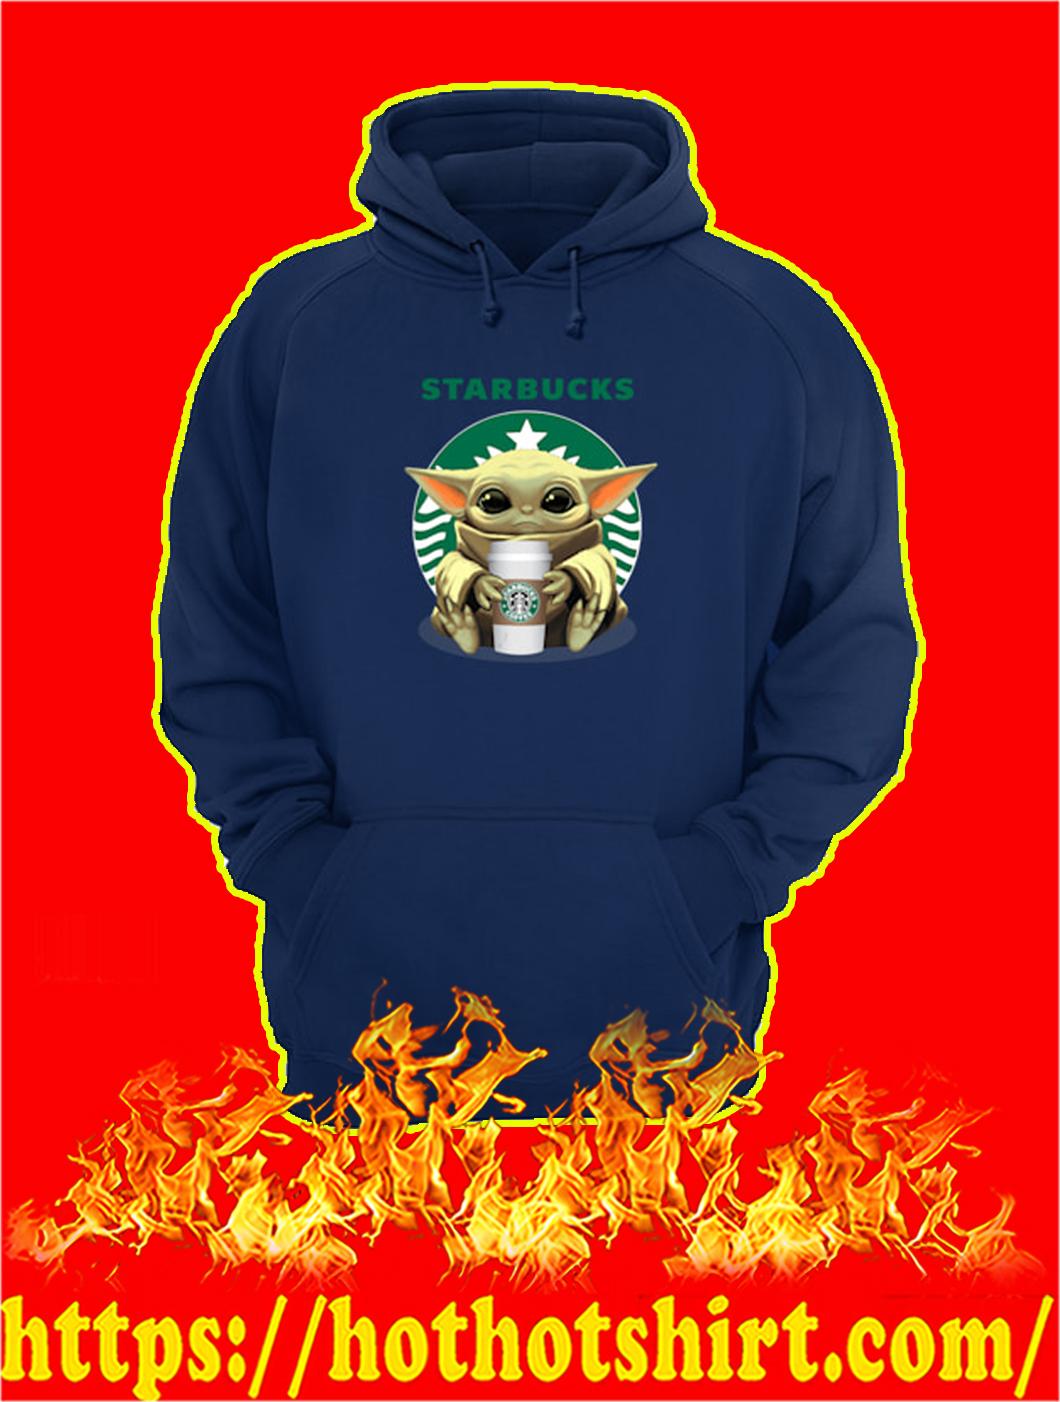 Baby Yoda Starbucks hoodie